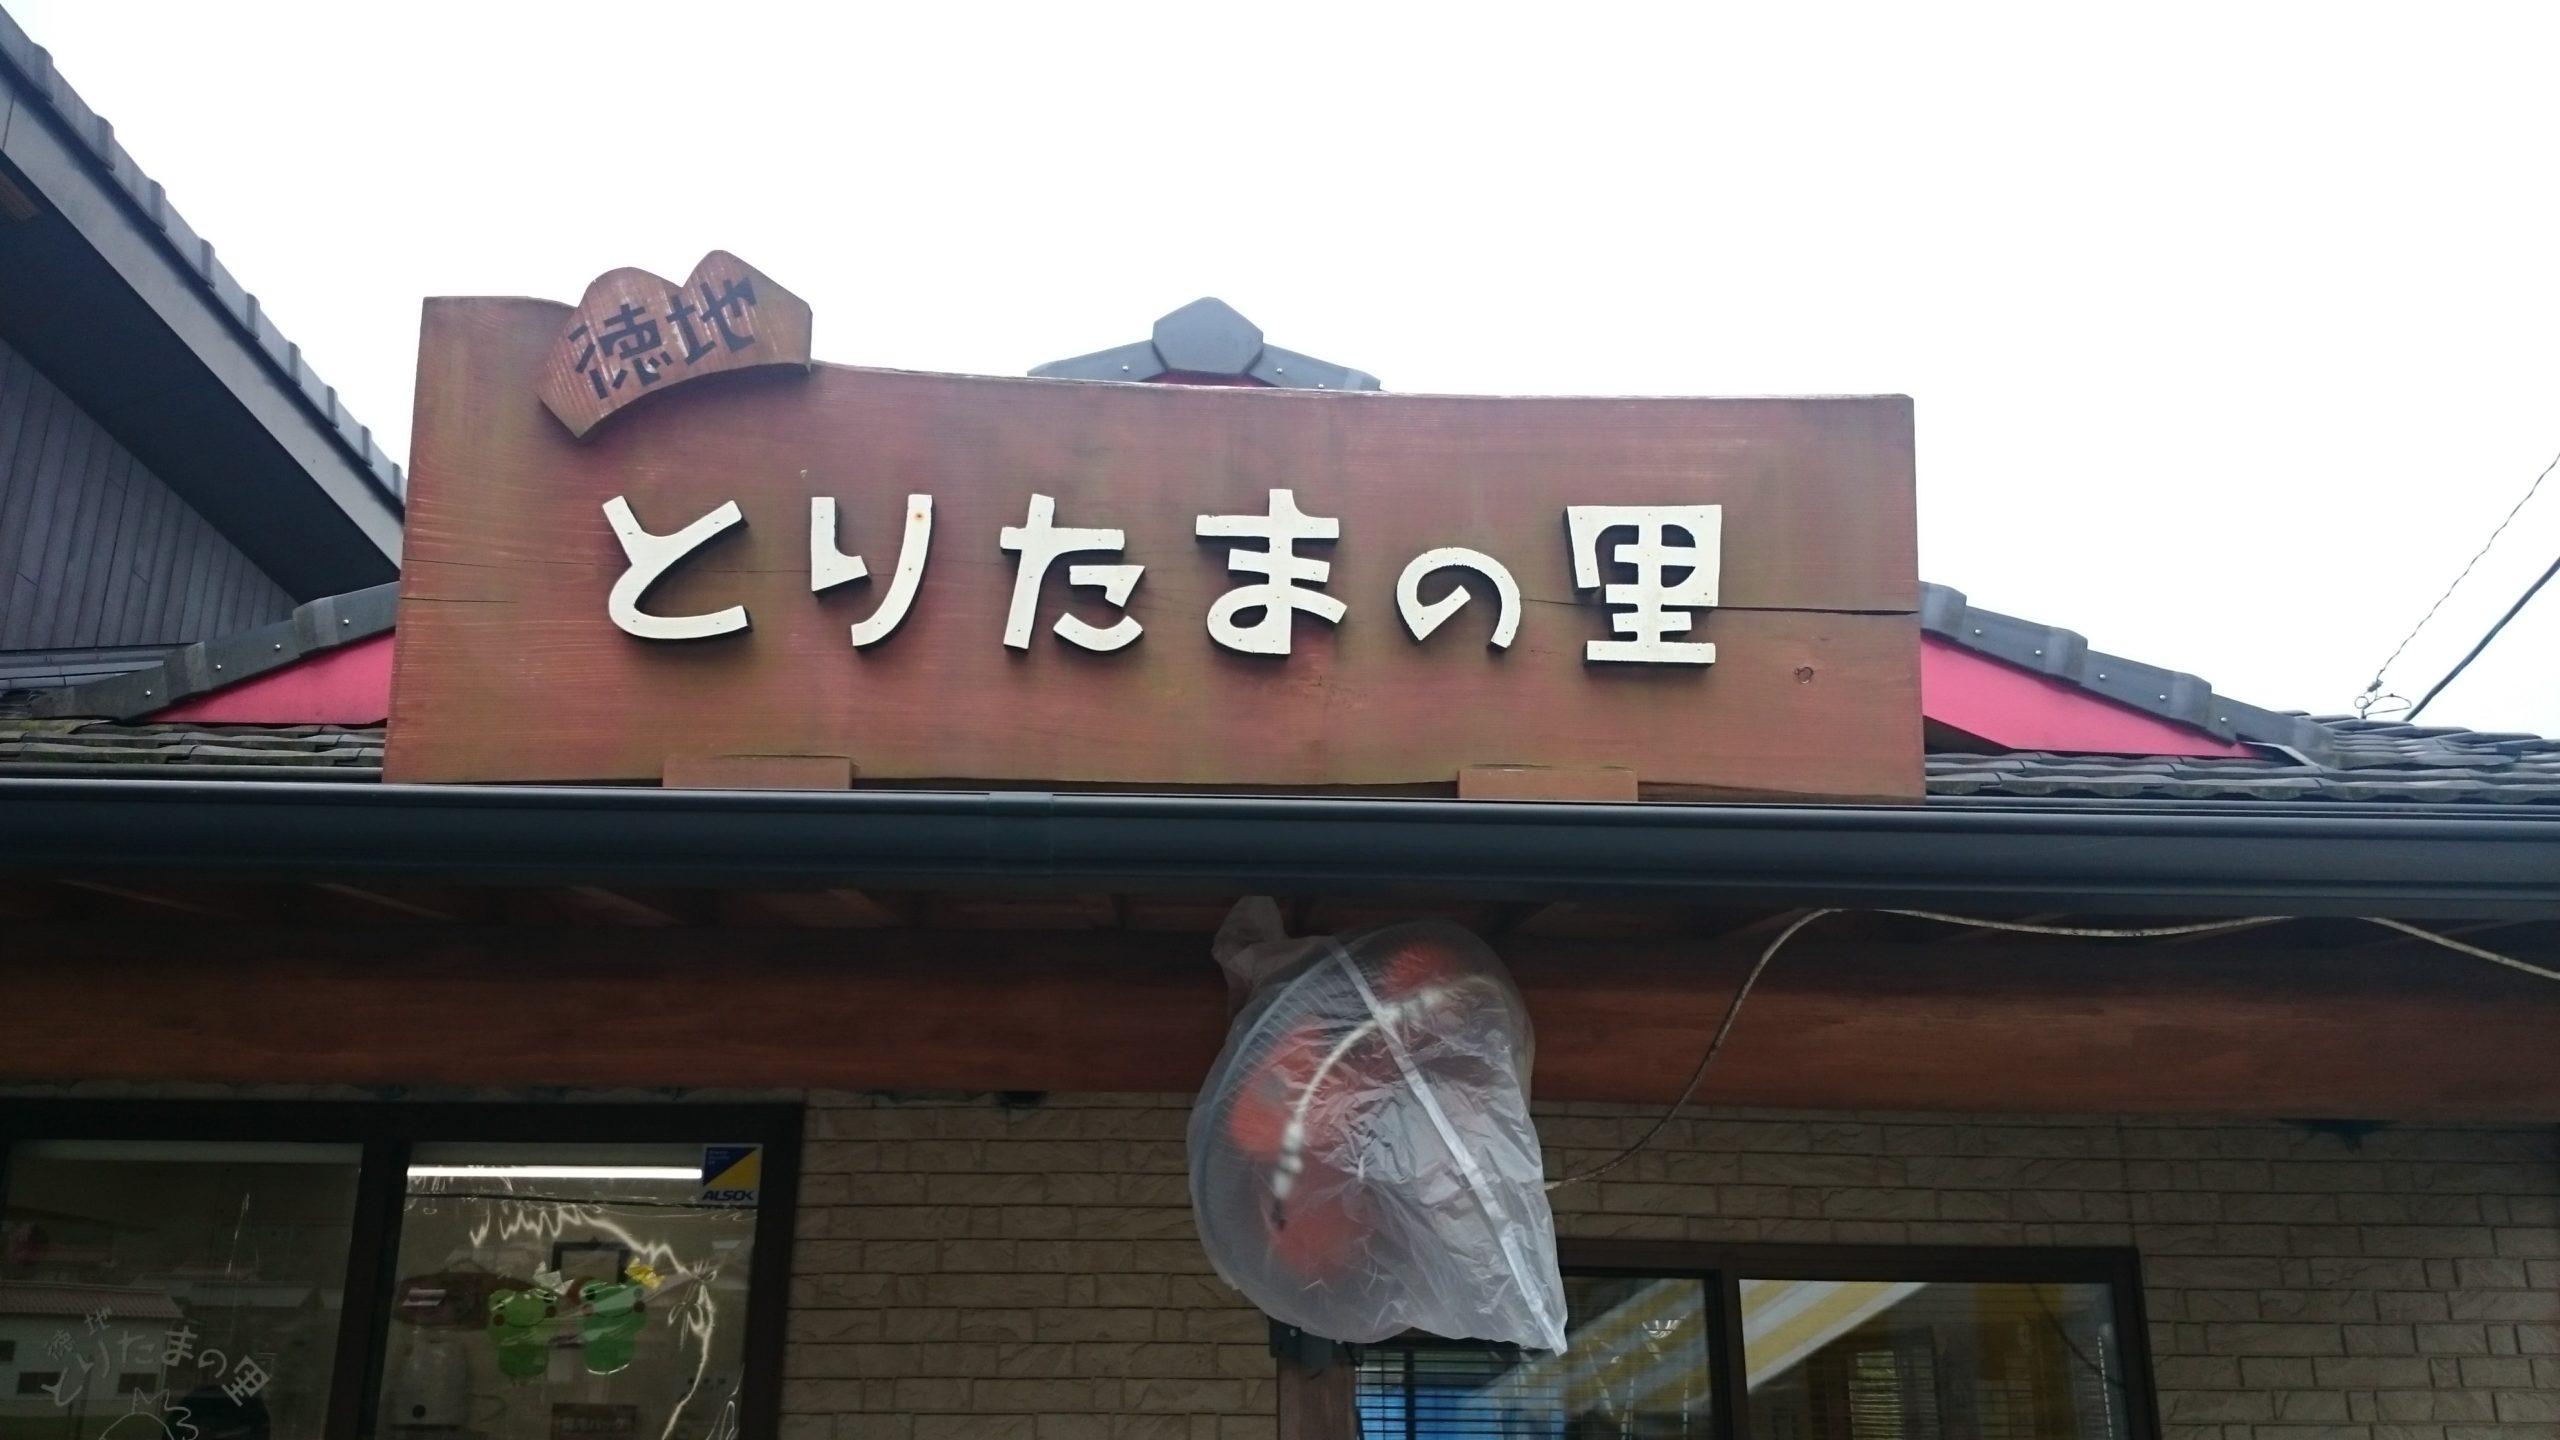 山口県にある、「卵かけご飯のお店」をご存じですか?